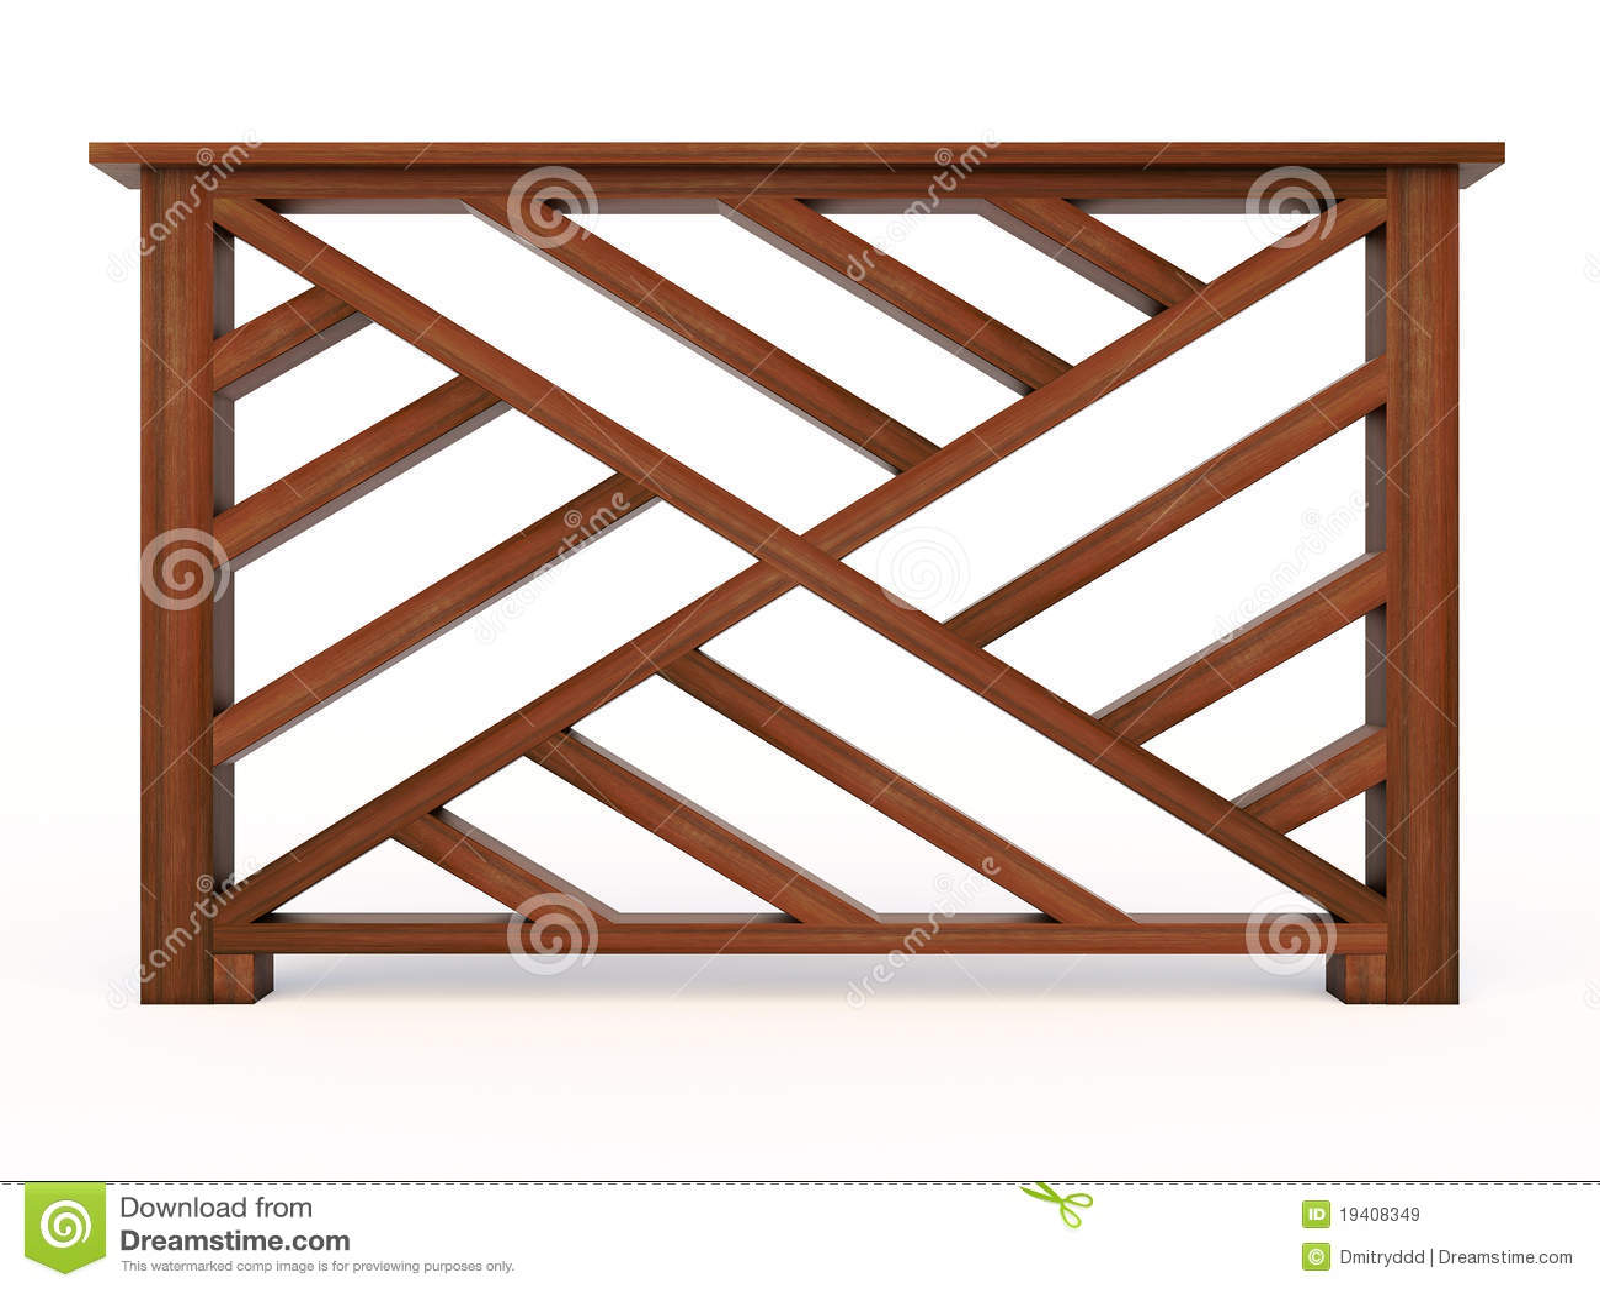 Het houten traliewerk van het ontwerp met houten balusters royalty vrije stock afbeeldingen - Ontwerp leuning ...